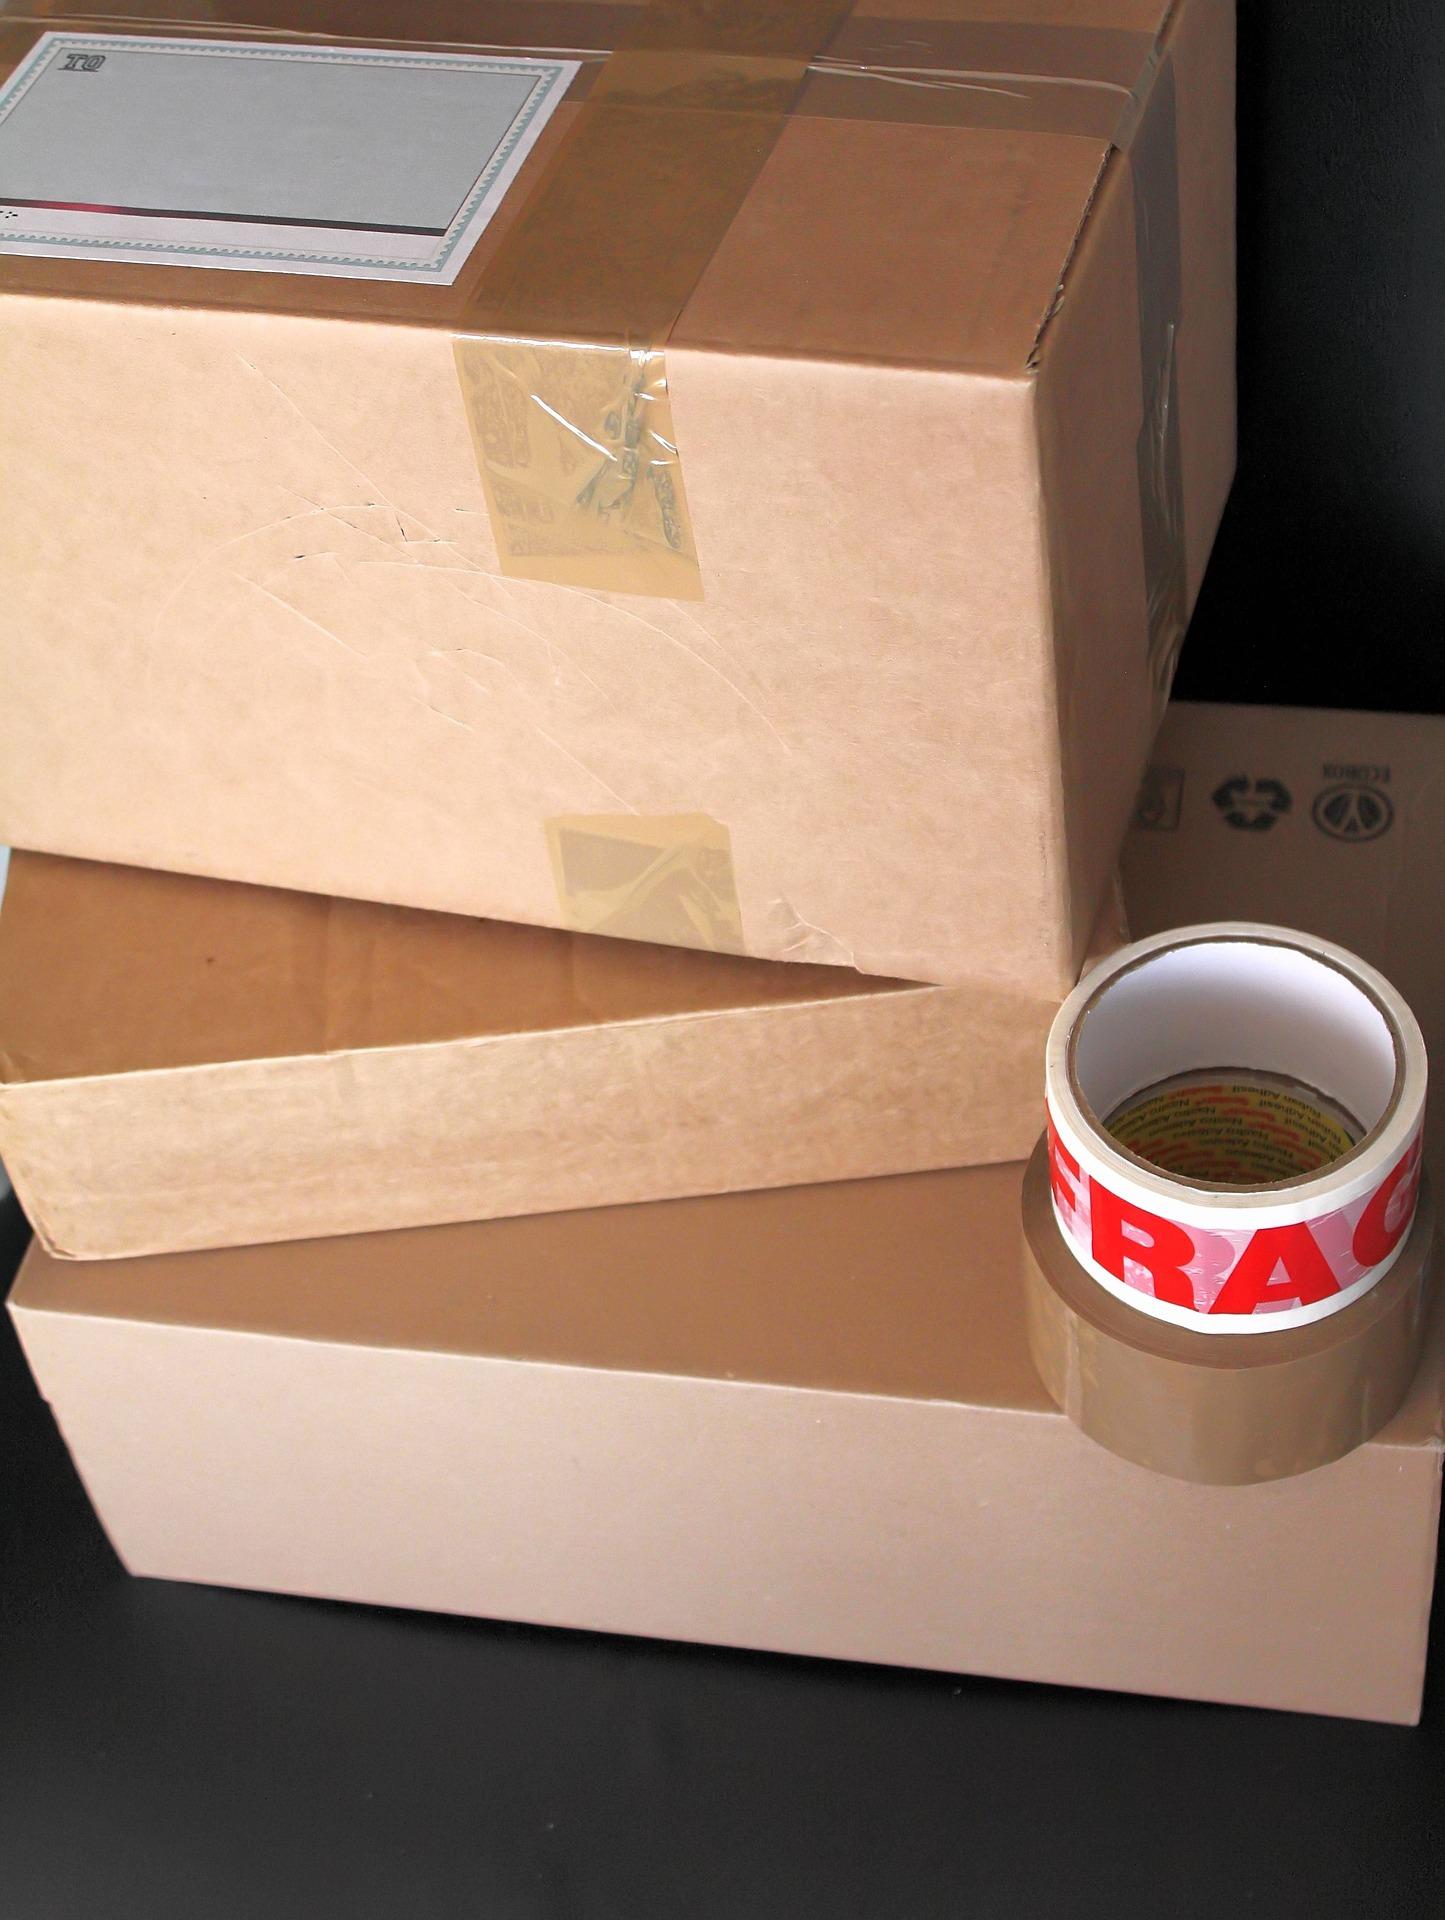 Gli scatoloni non fanno più paura: traslocare è facile tra consigli e app tecnologiche